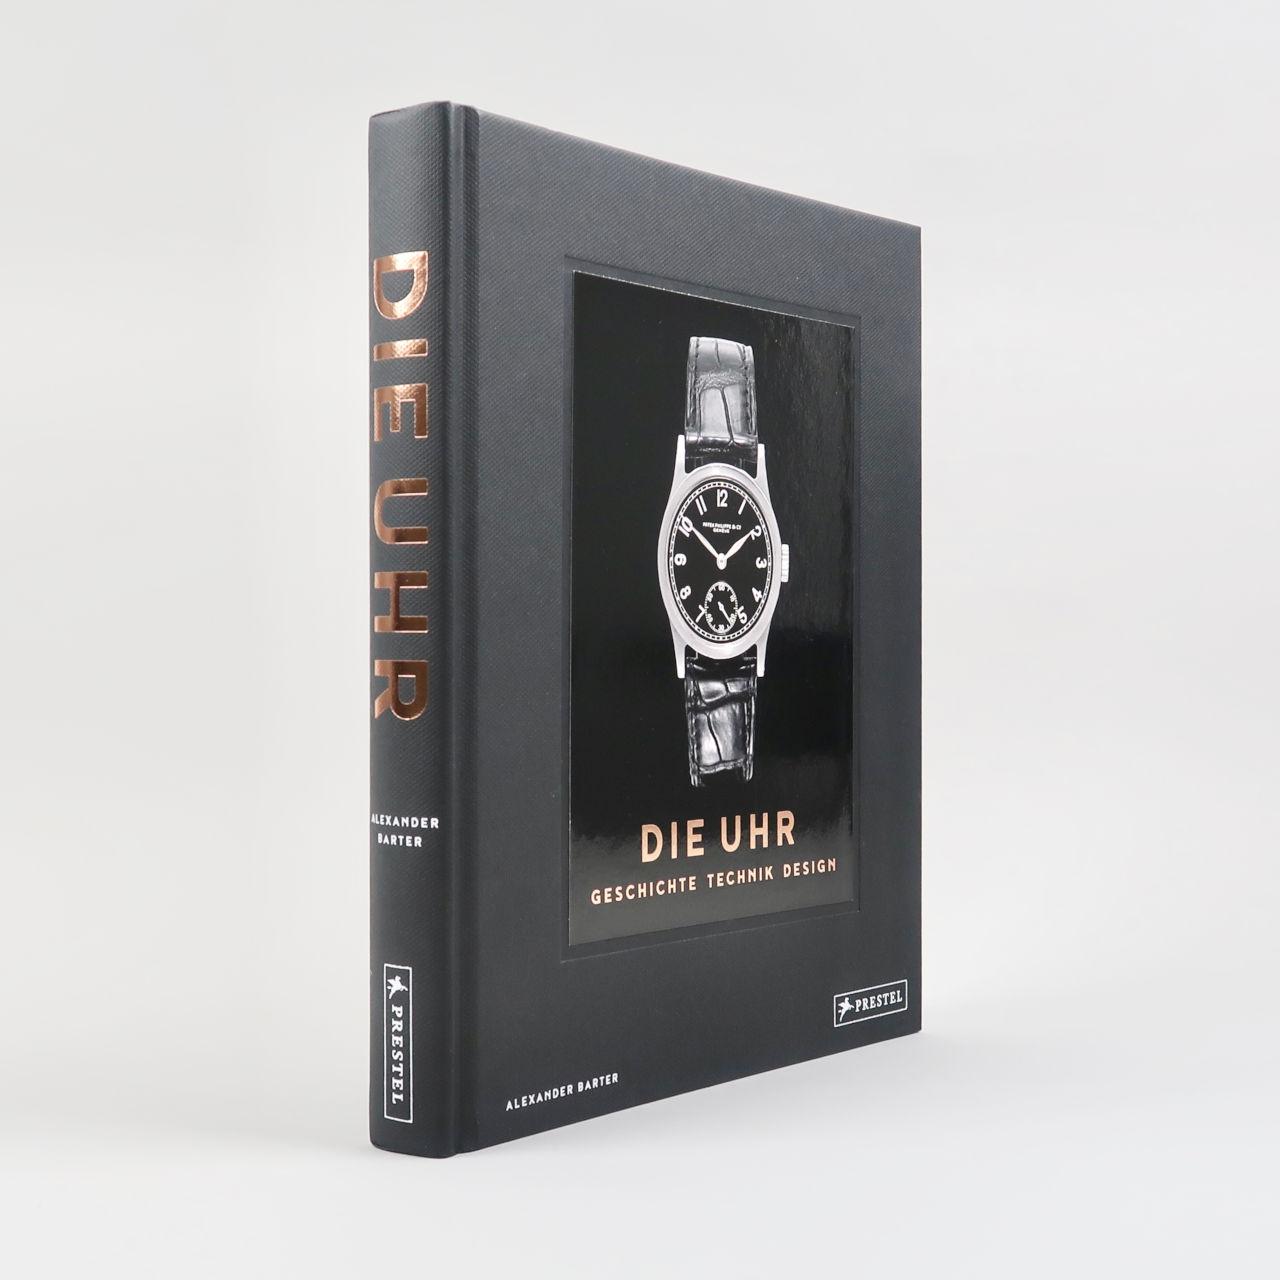 Die Uhr. Geschichte Technik Design: Eine Chronologie des 20. Jahrhundert - Alexander Barter - Signed Copies